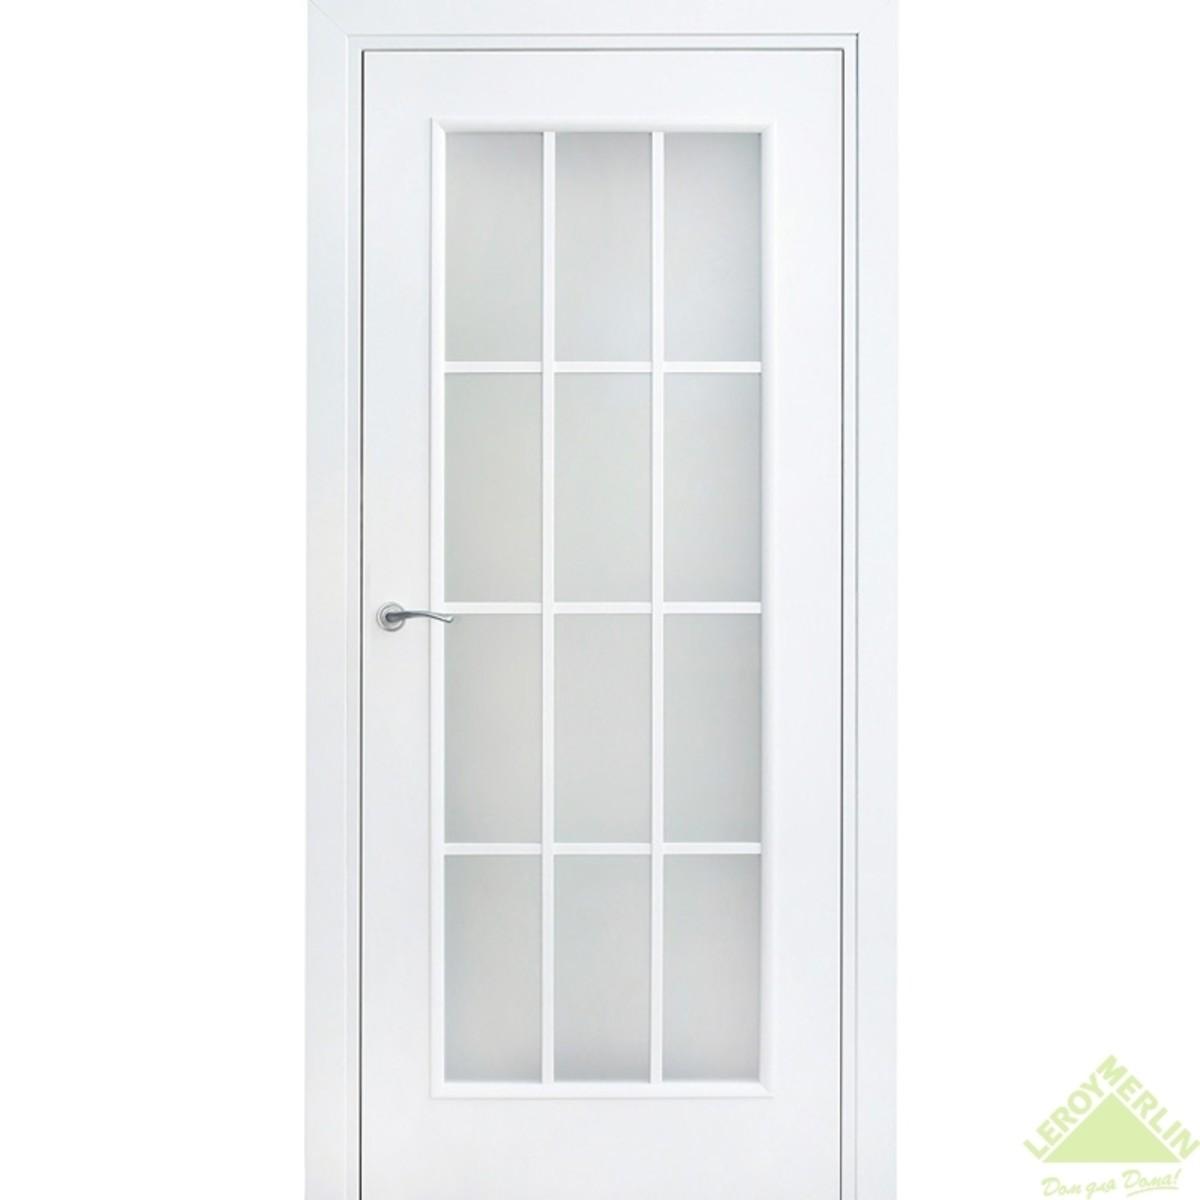 Дверь Межкомнатная Остеклённая Фортунато 8012 900x2000 Белый